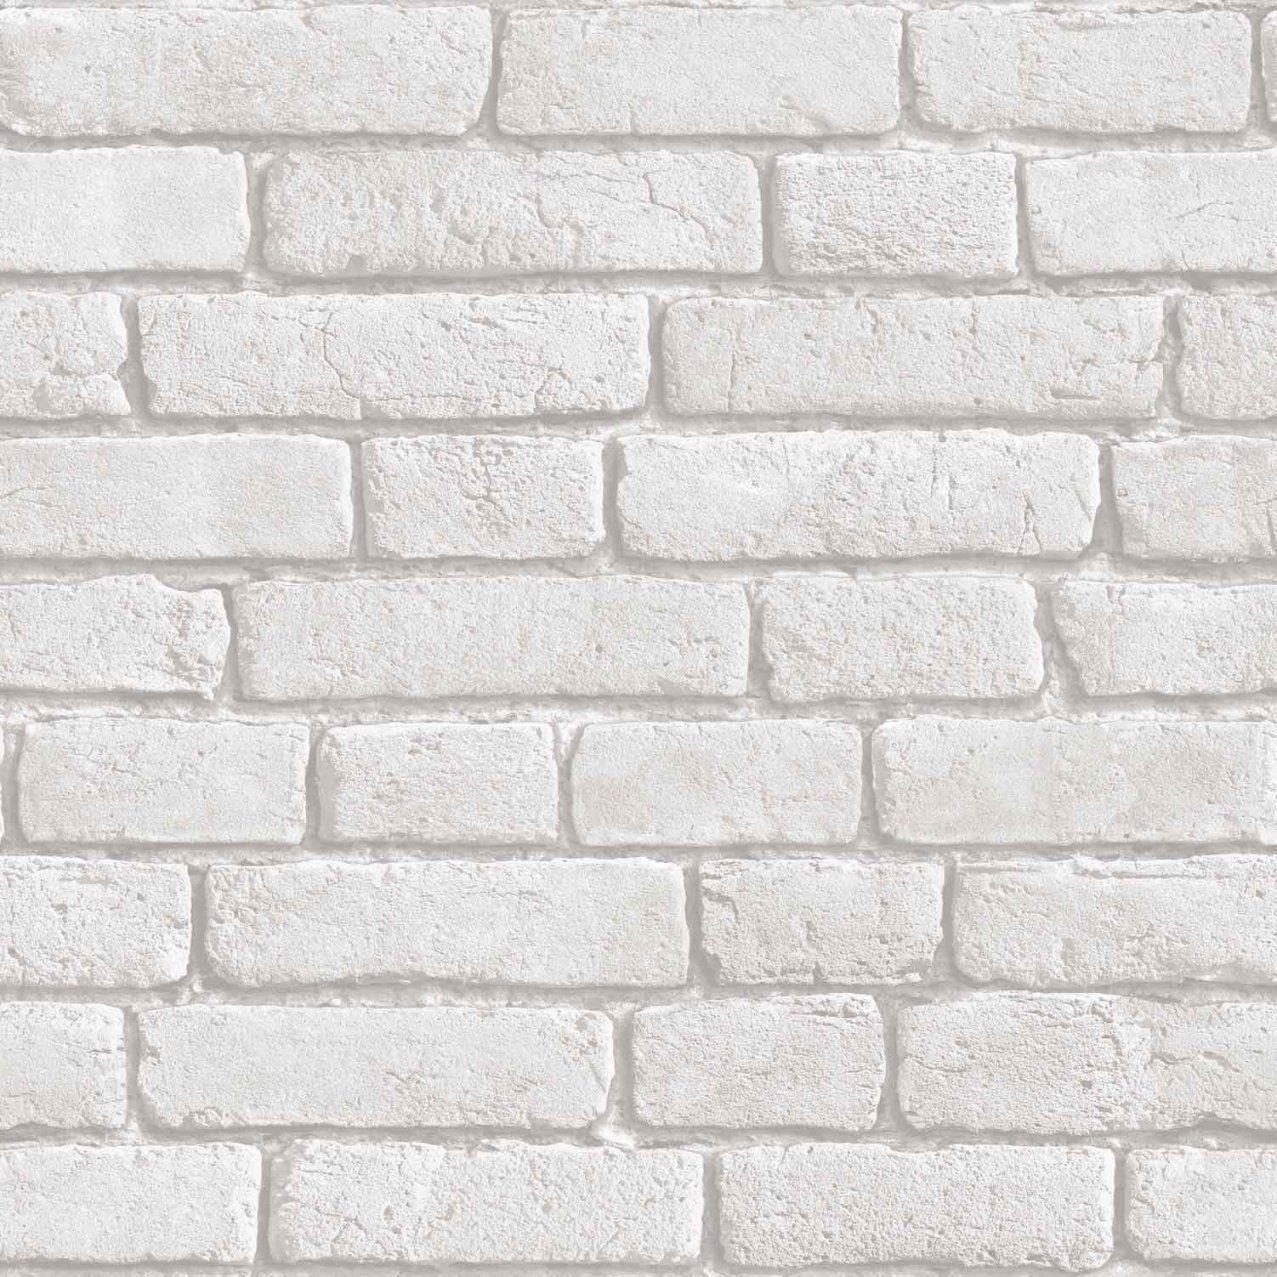 Tapeten 3D Steinoptik Effekt Online Kaufen Avec 3D Tapeten Weiß Et von Tapete Mauer Optik 3D Bild